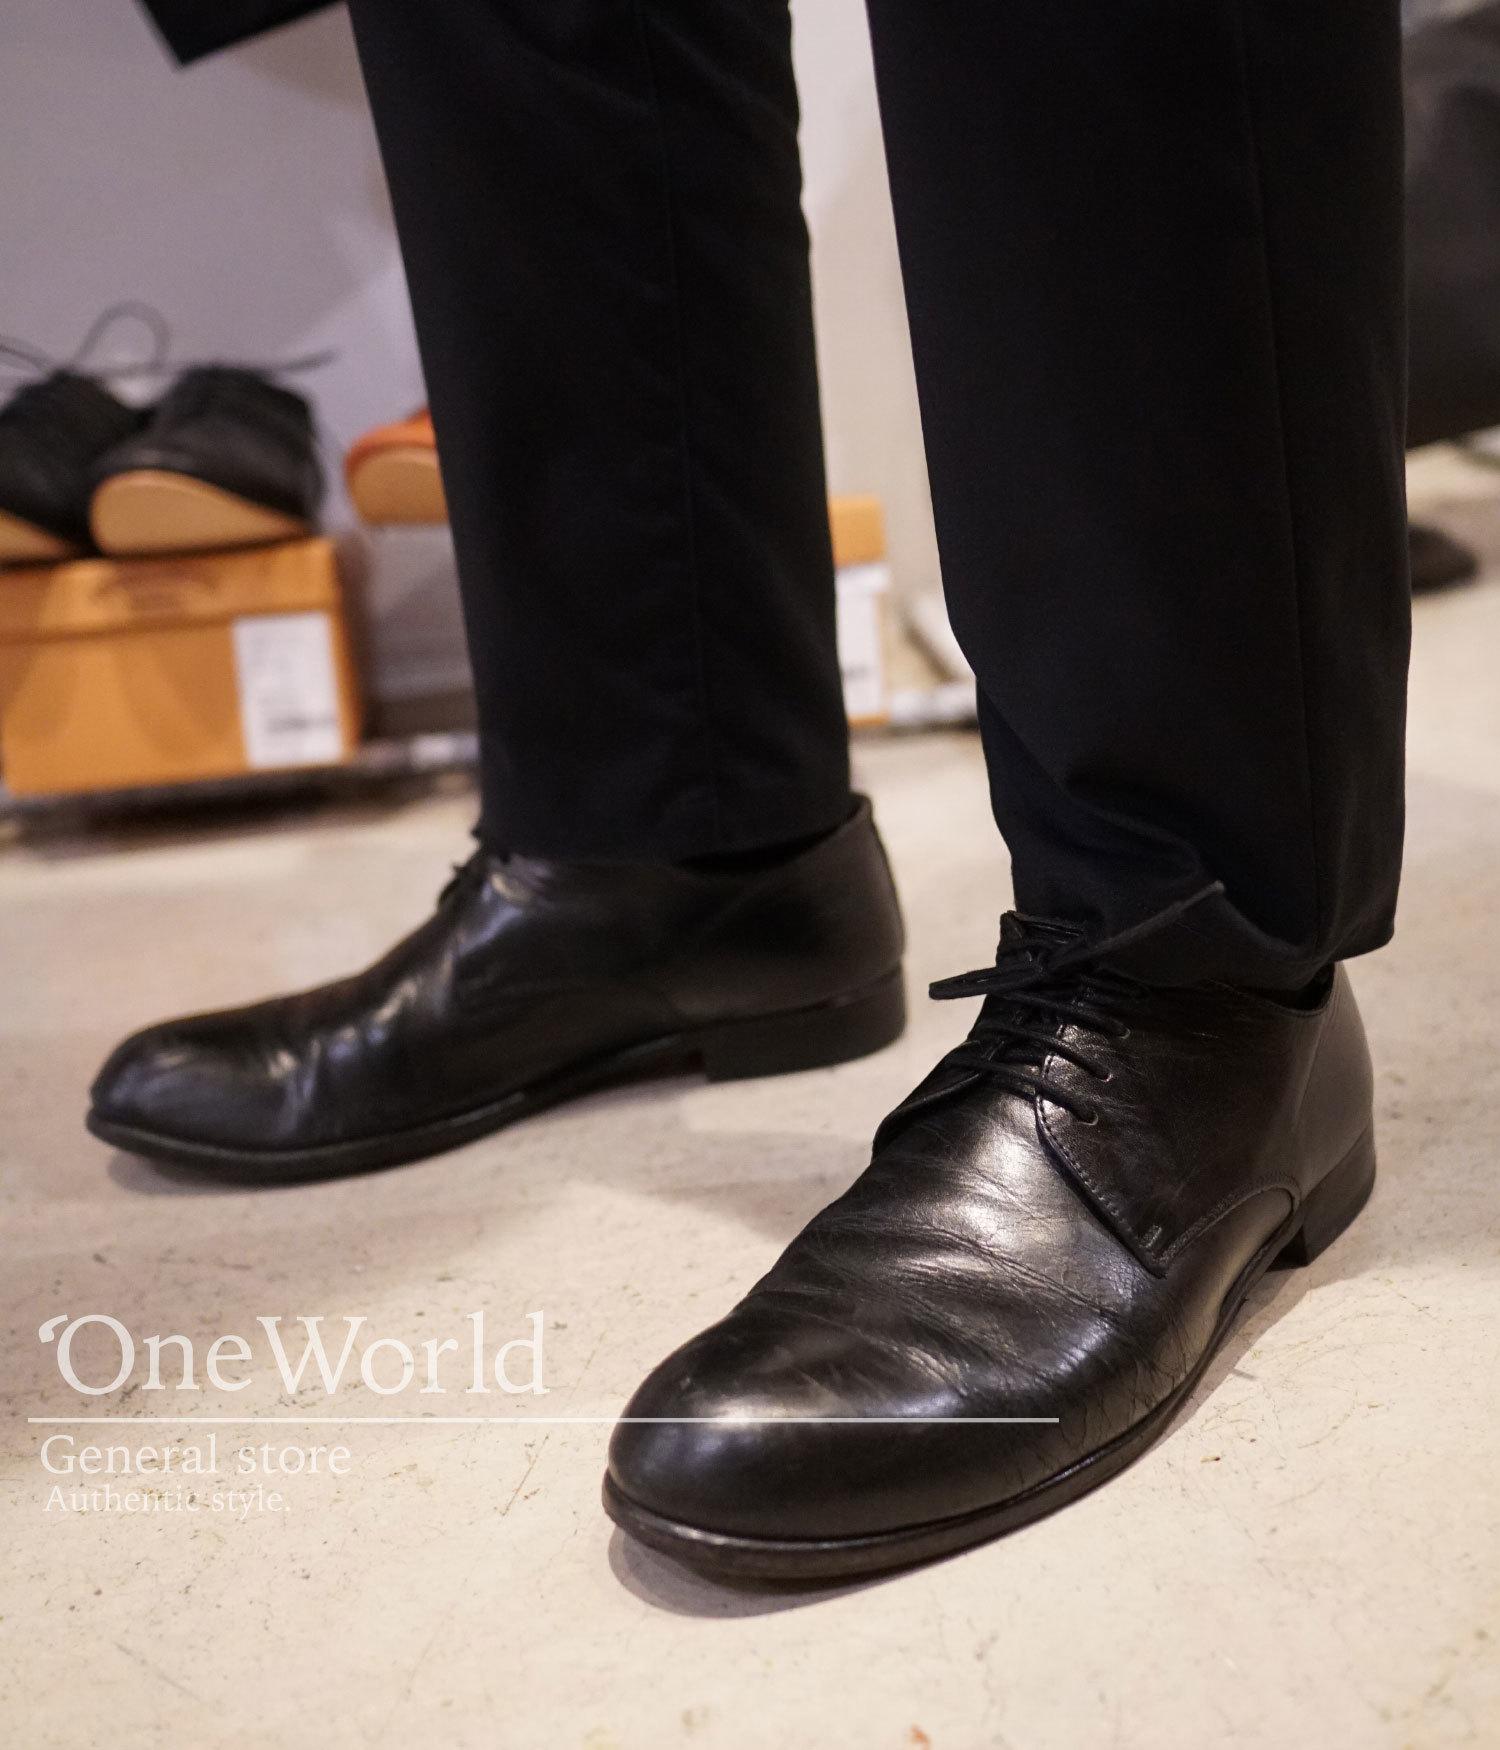 いい靴は長く履ける。_a0155932_09512468.jpg